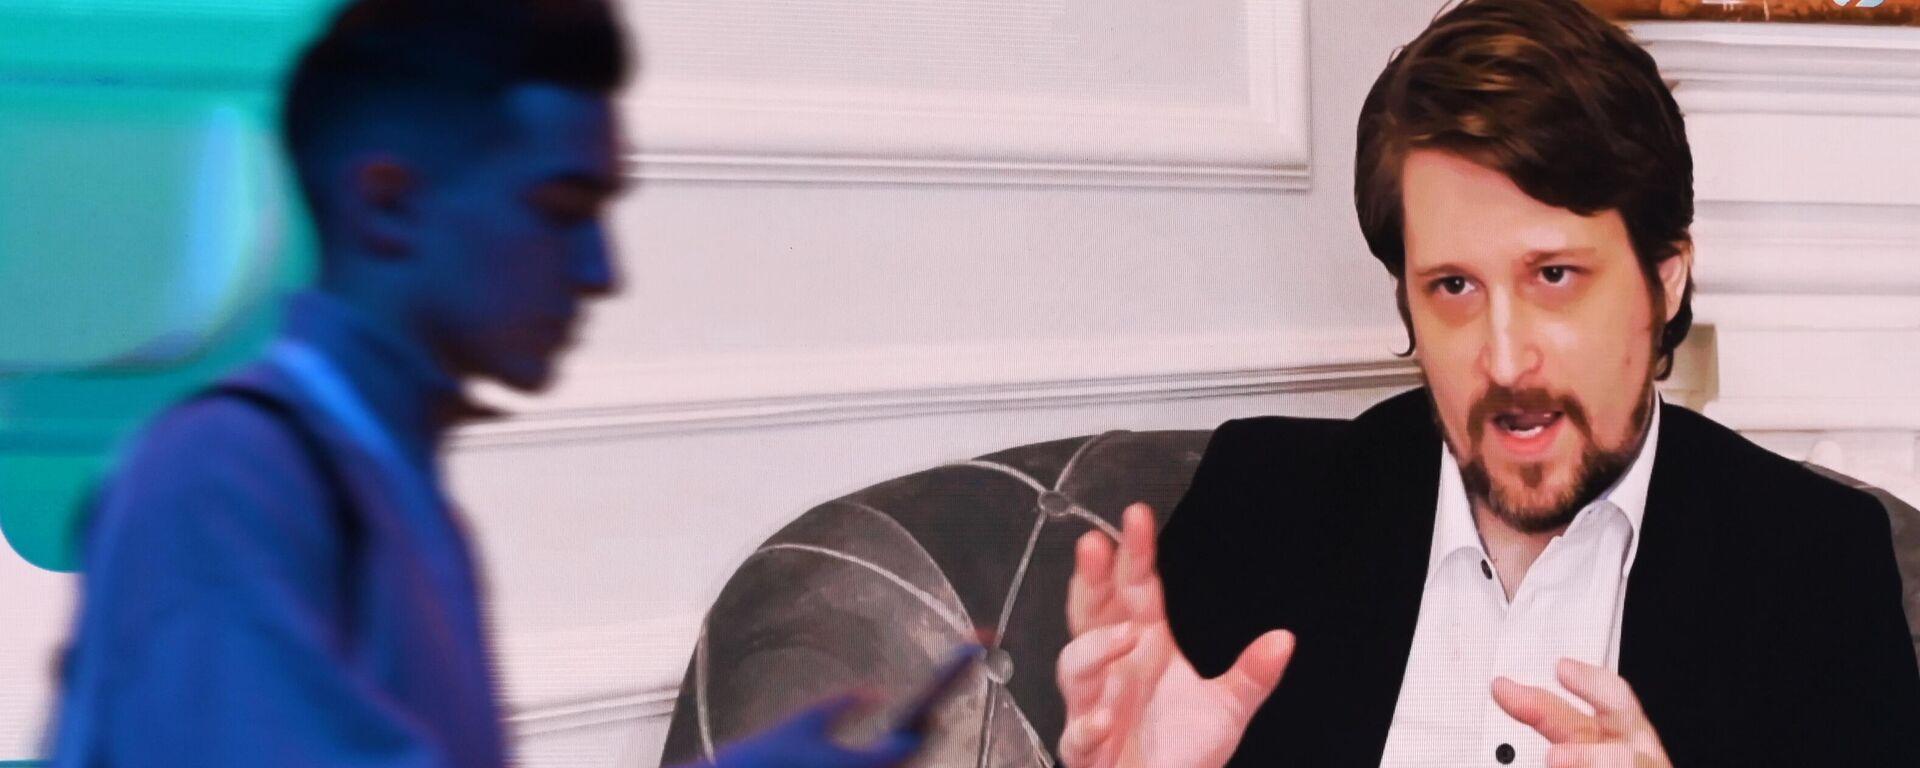 Эдвард Сноуден выступает на марафоне Новое знание в Москве. Запись эфира - Sputnik Латвия, 1920, 02.09.2021